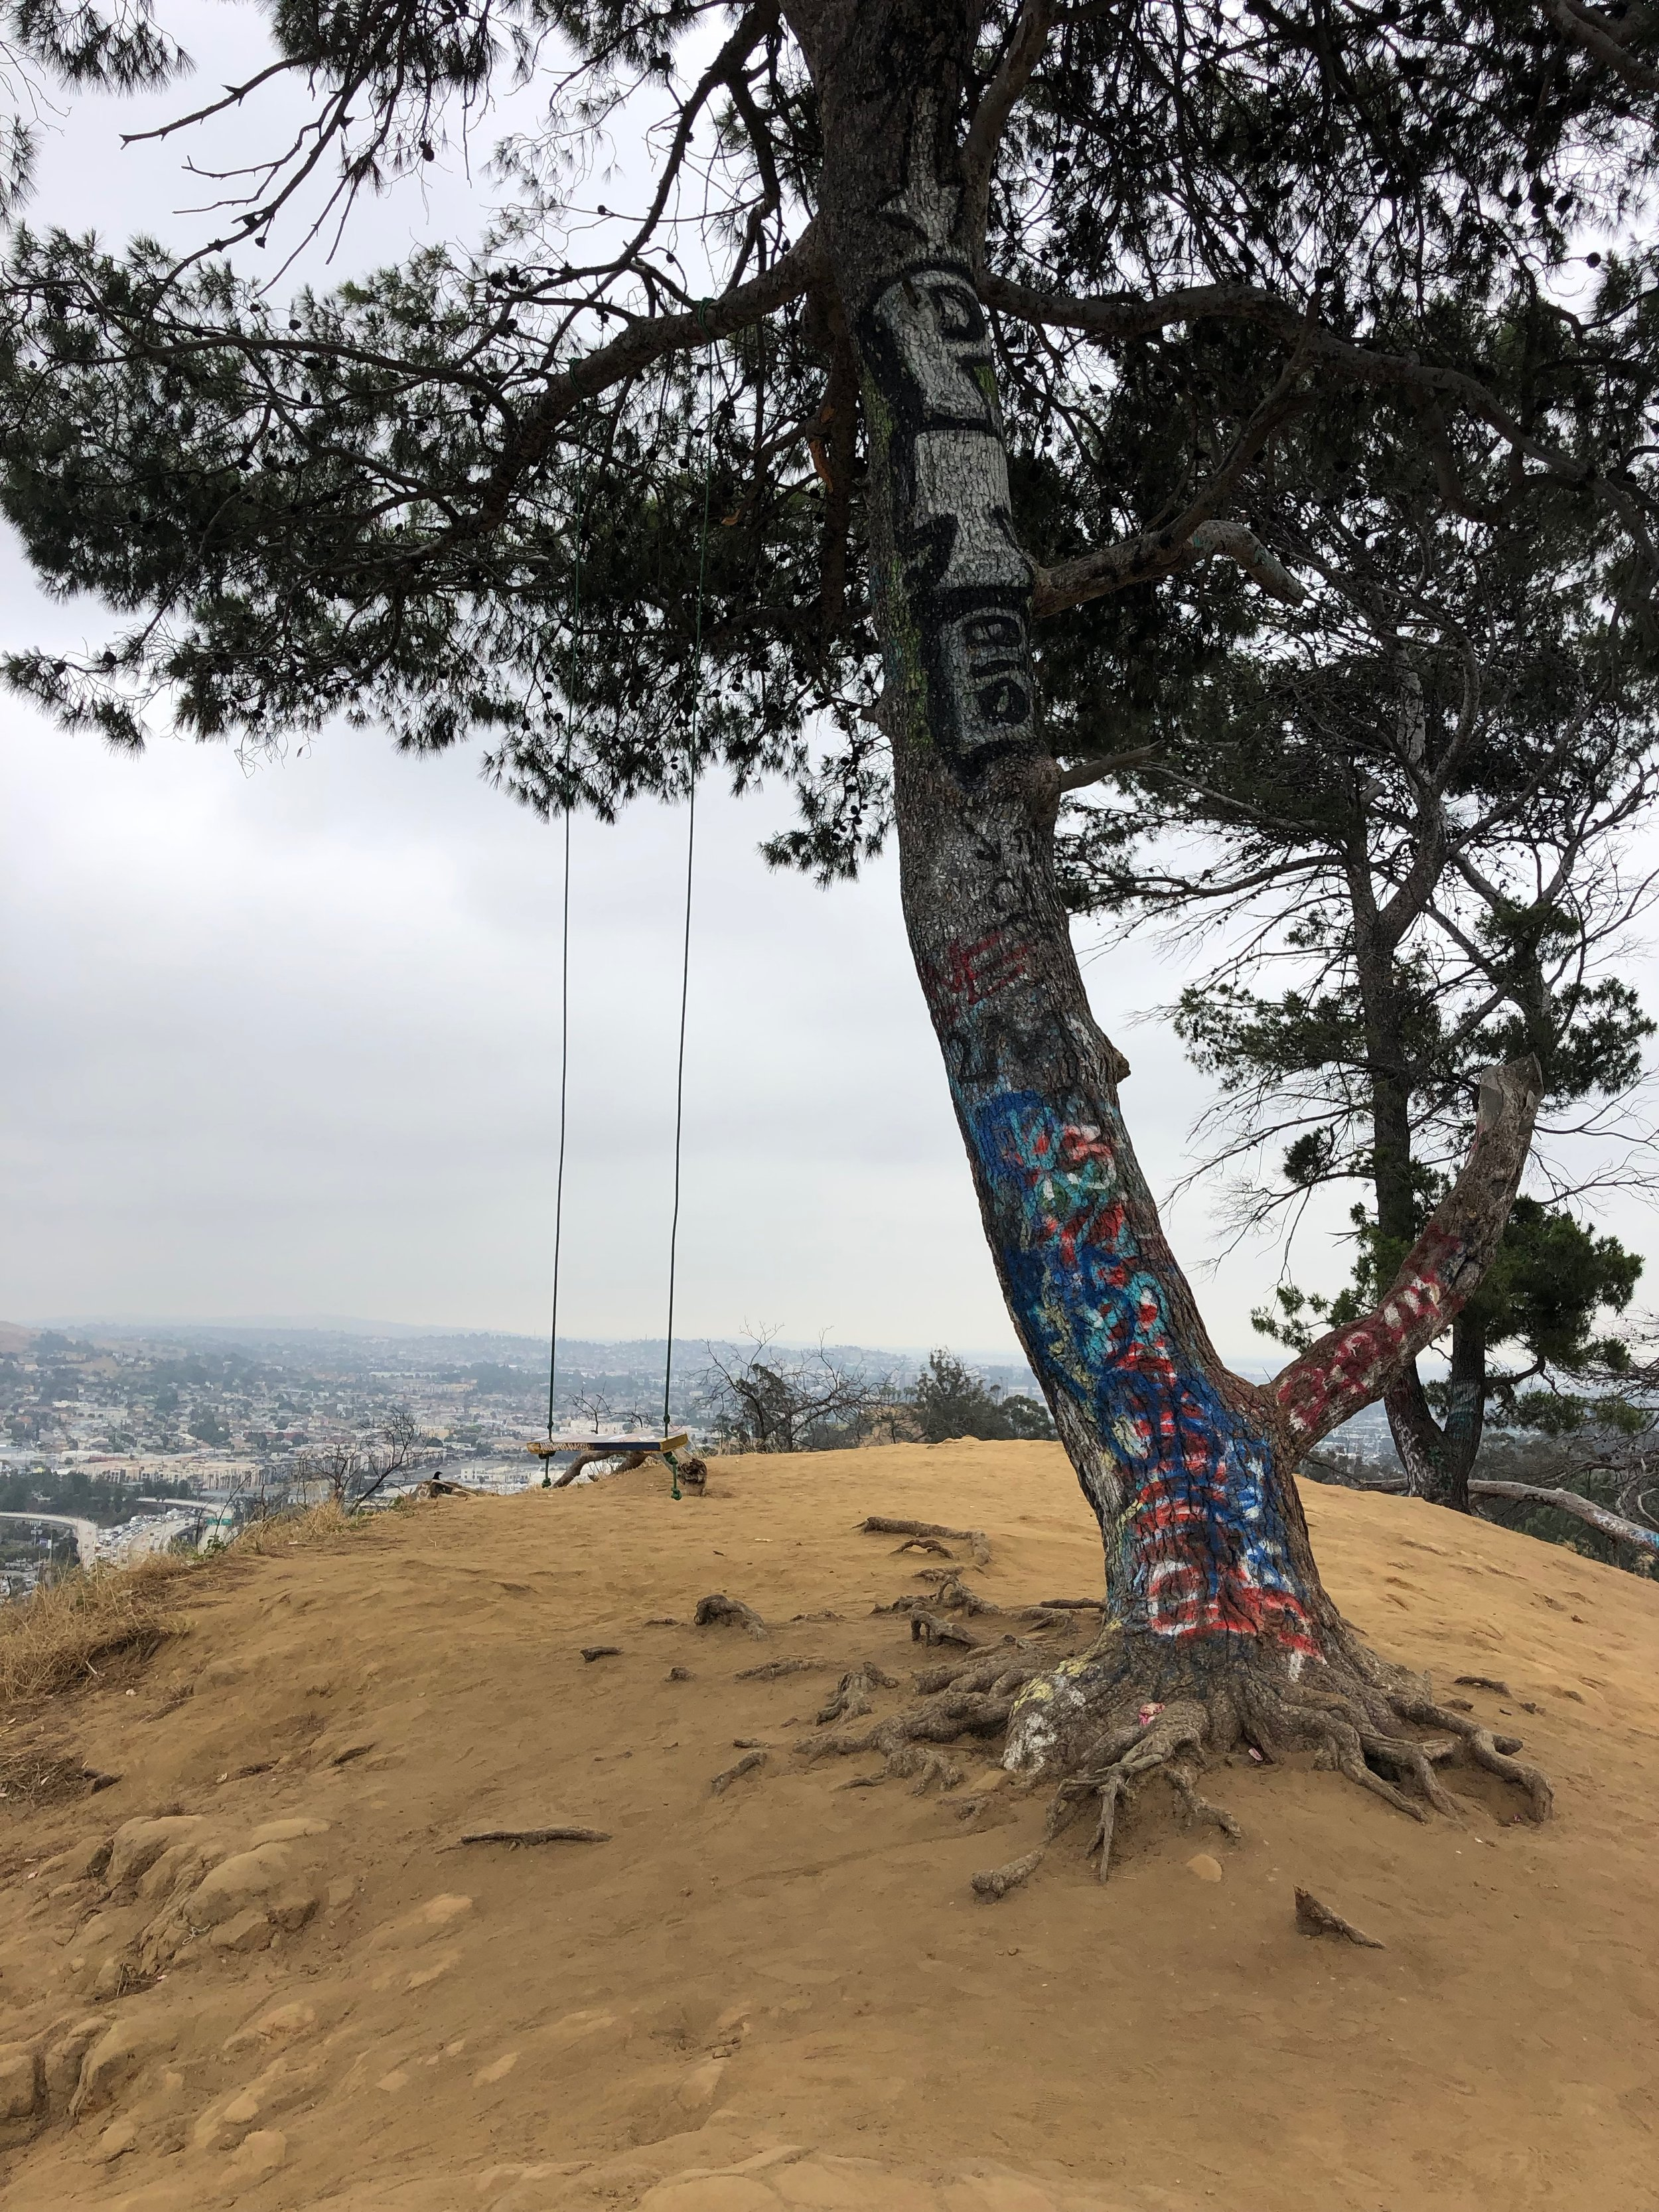 Elysian Park swing